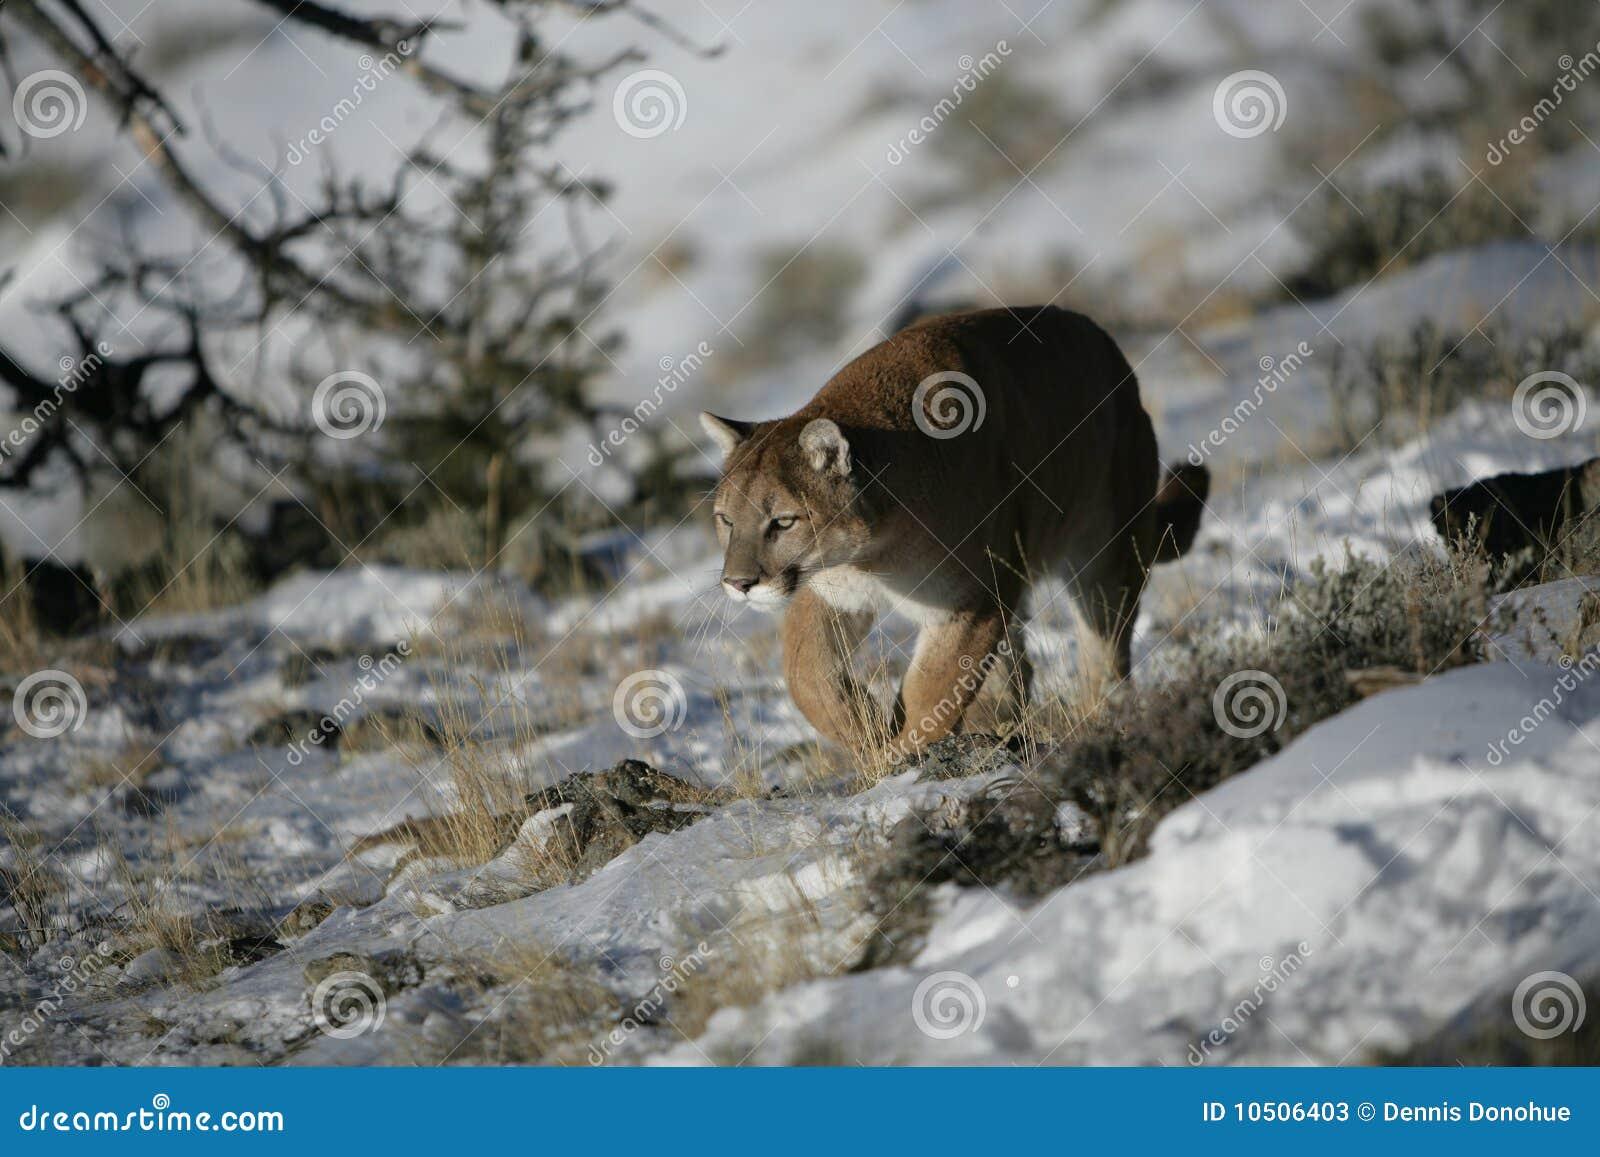 Mountain Lion Walking In Sagevrush Stock Image - Image of ...